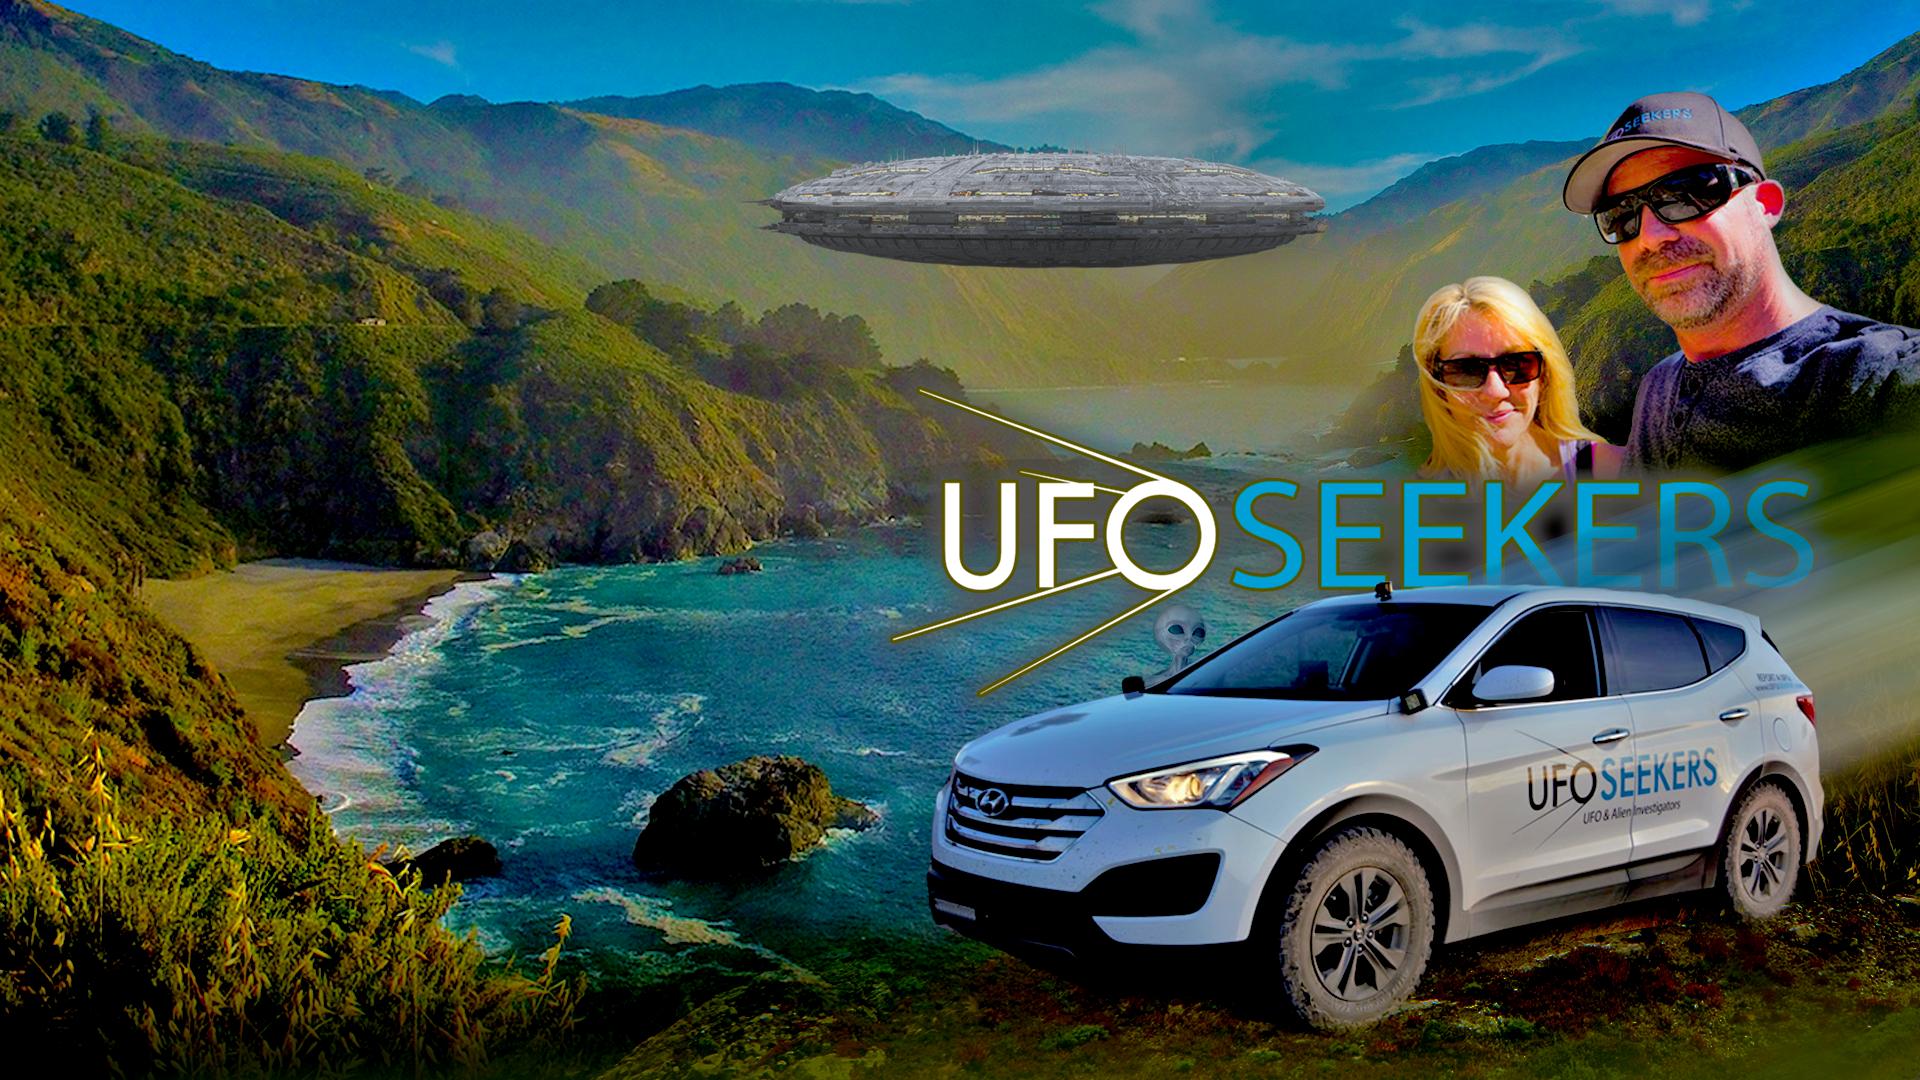 UFO Seekers